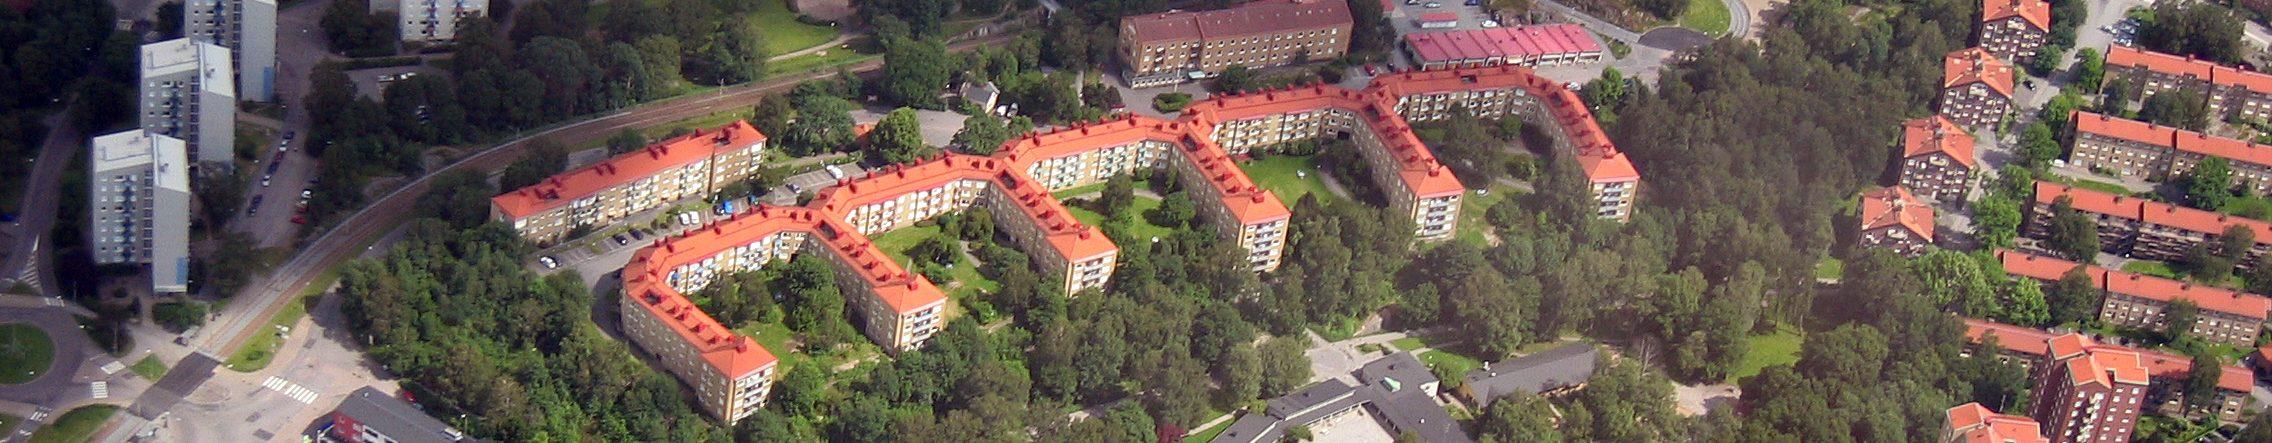 Brf Göteborgshus 14